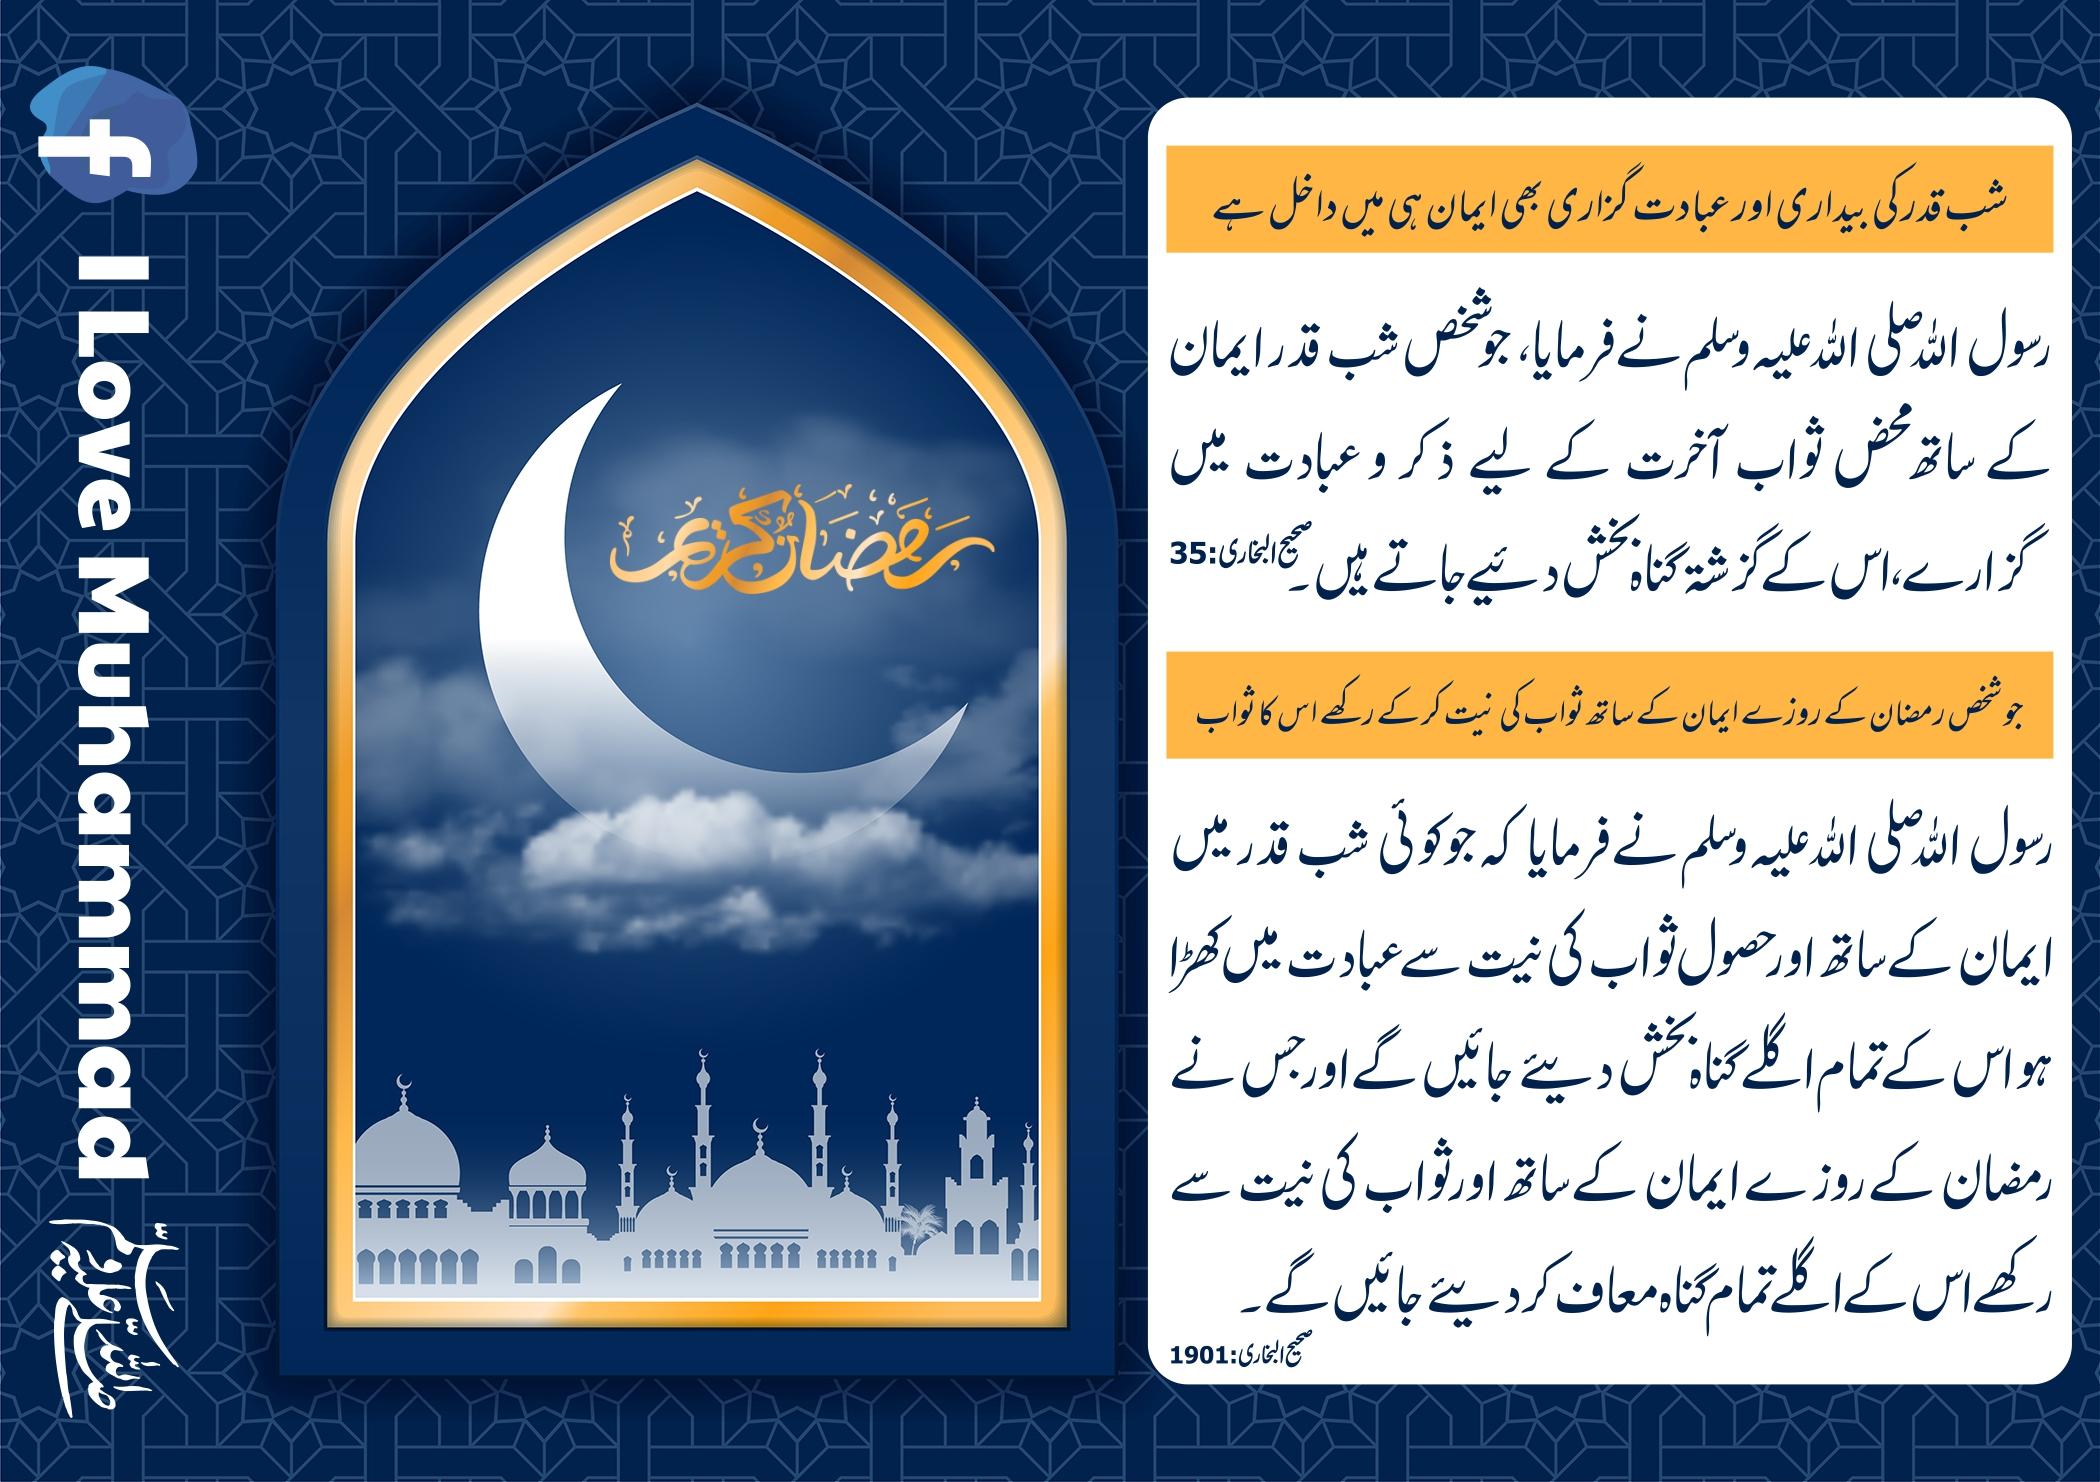 شب قدر کی بیداری اور رمضان کے روزے ایمان کے ساتھ JPG.jpg